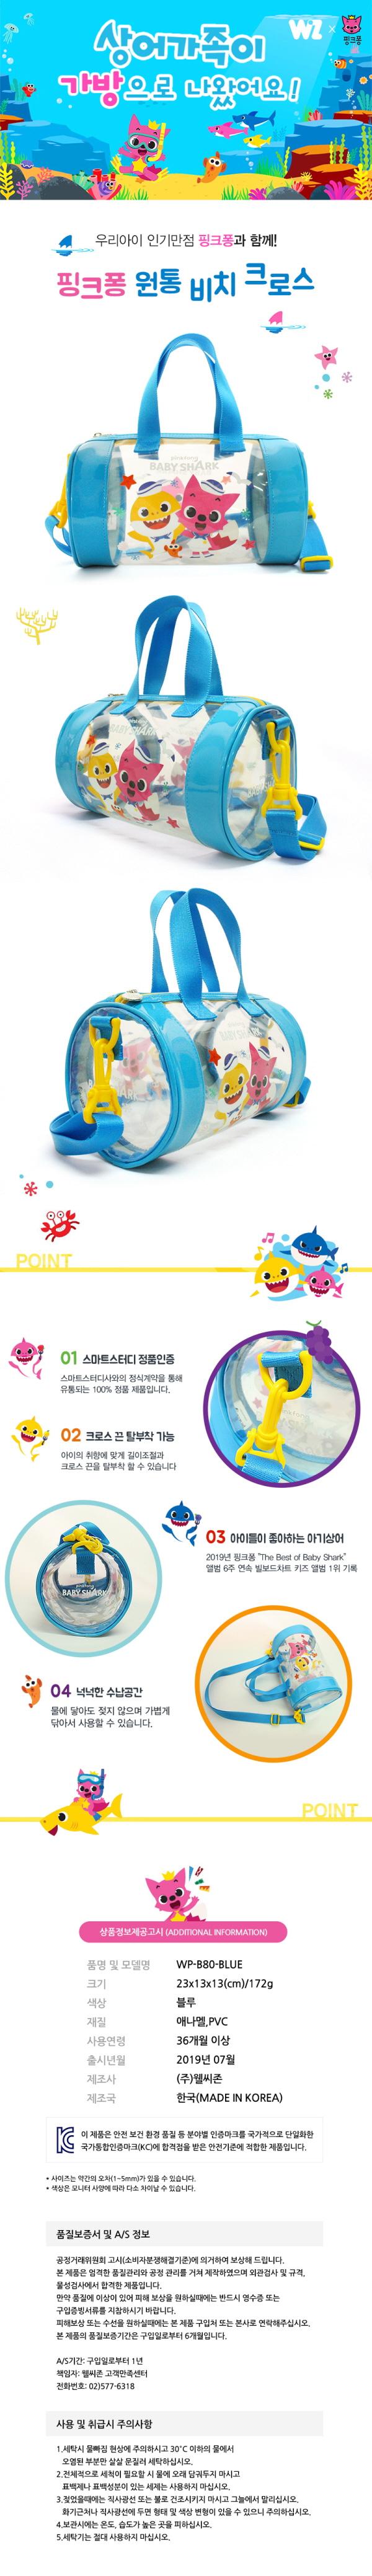 핑크퐁 원통 비치 크로스백 (블루) - 키티야, 20,500원, 가방, 크로스/숄더백